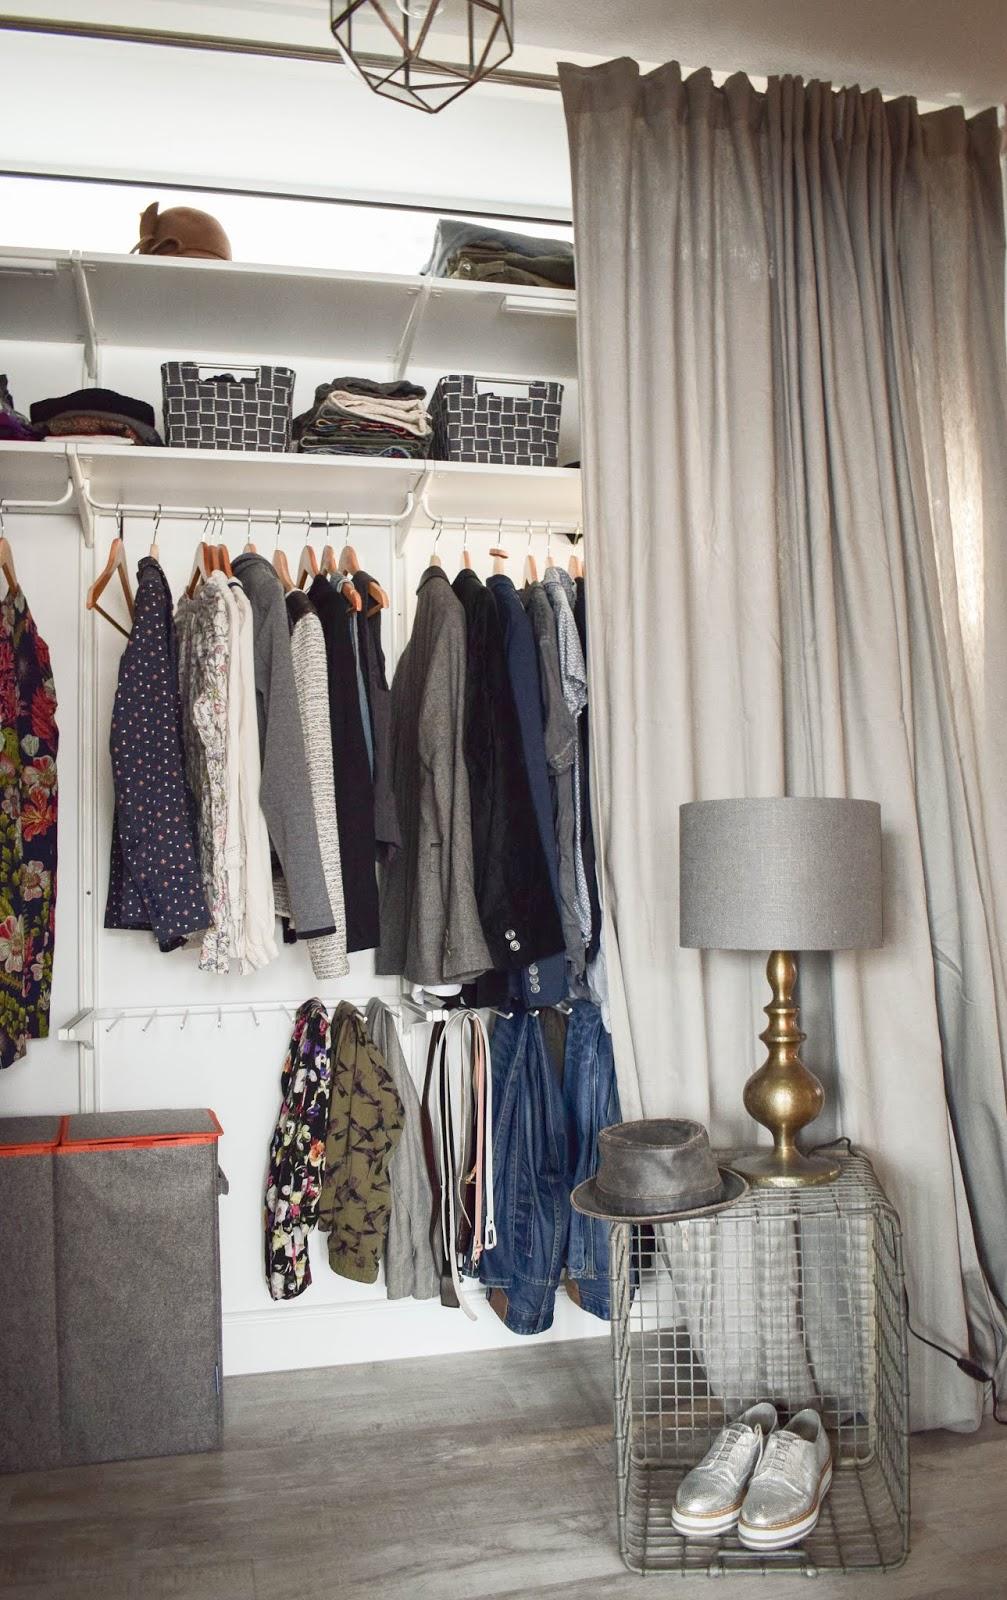 Aufbewahrung mit Wenko Wäsche praktisch Kleiderschrank Wäschesammler DIY Schrank einrichtung